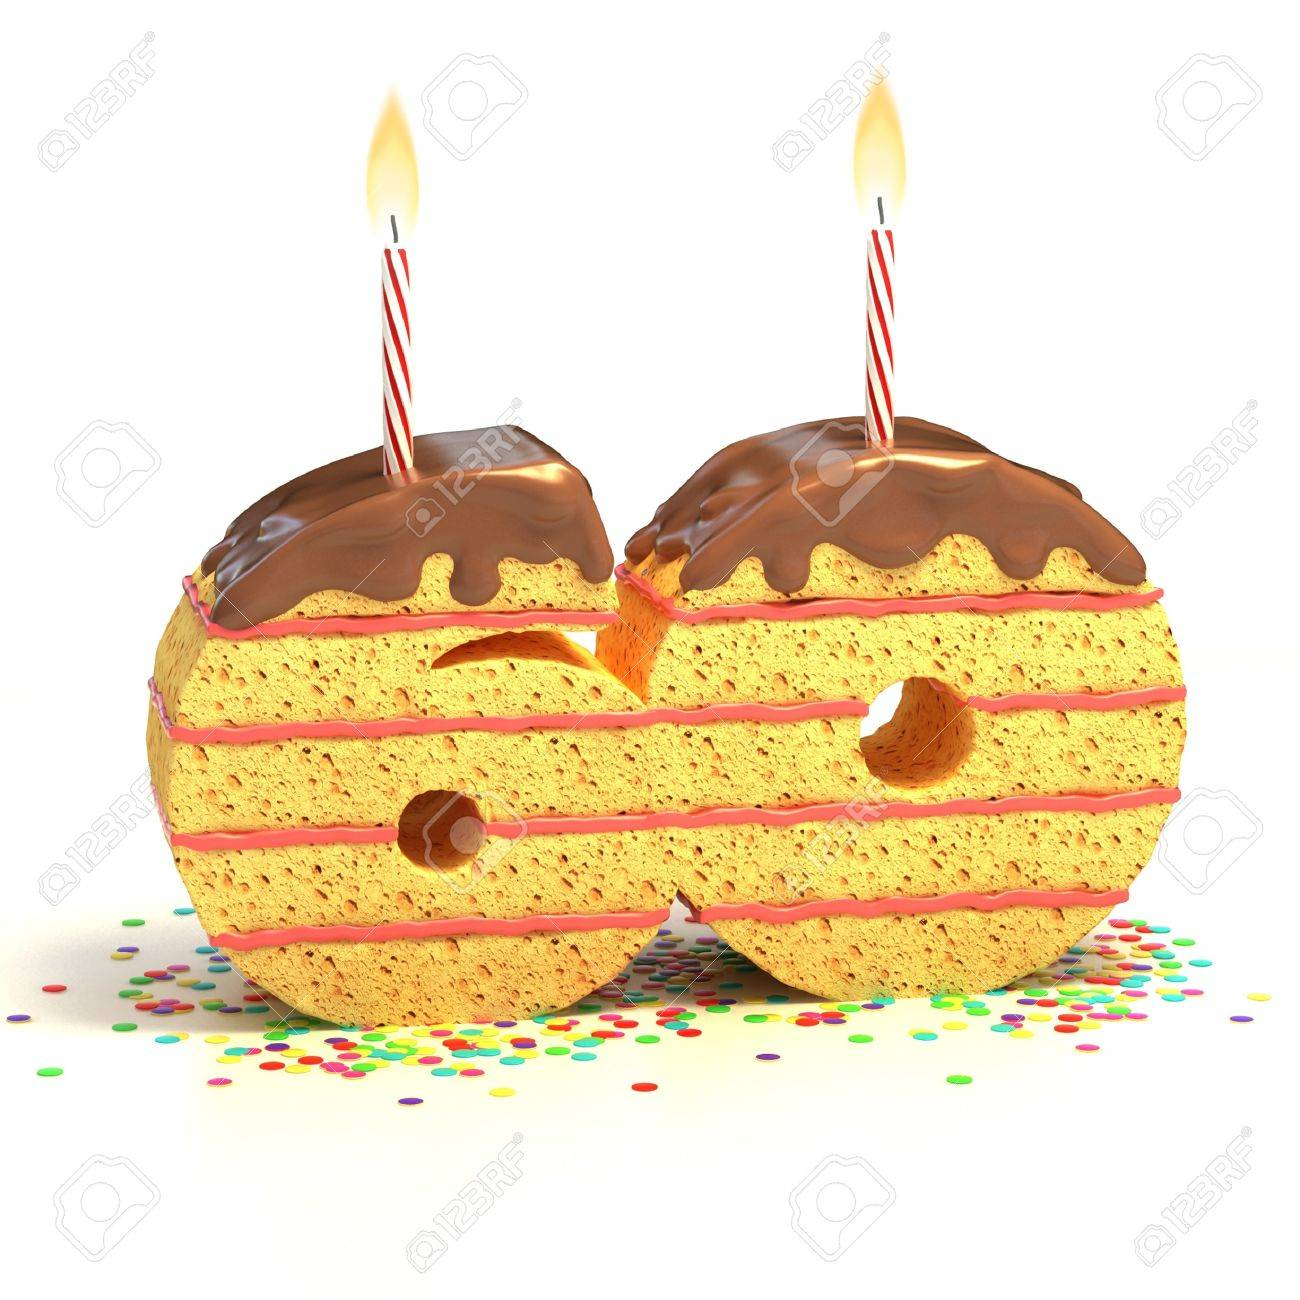 Chocolate Birthday Cake Von Konfetti Umgeben Mit Brennenden Kerze Fur Einen 60 Geburtstag Oder Jubilaum